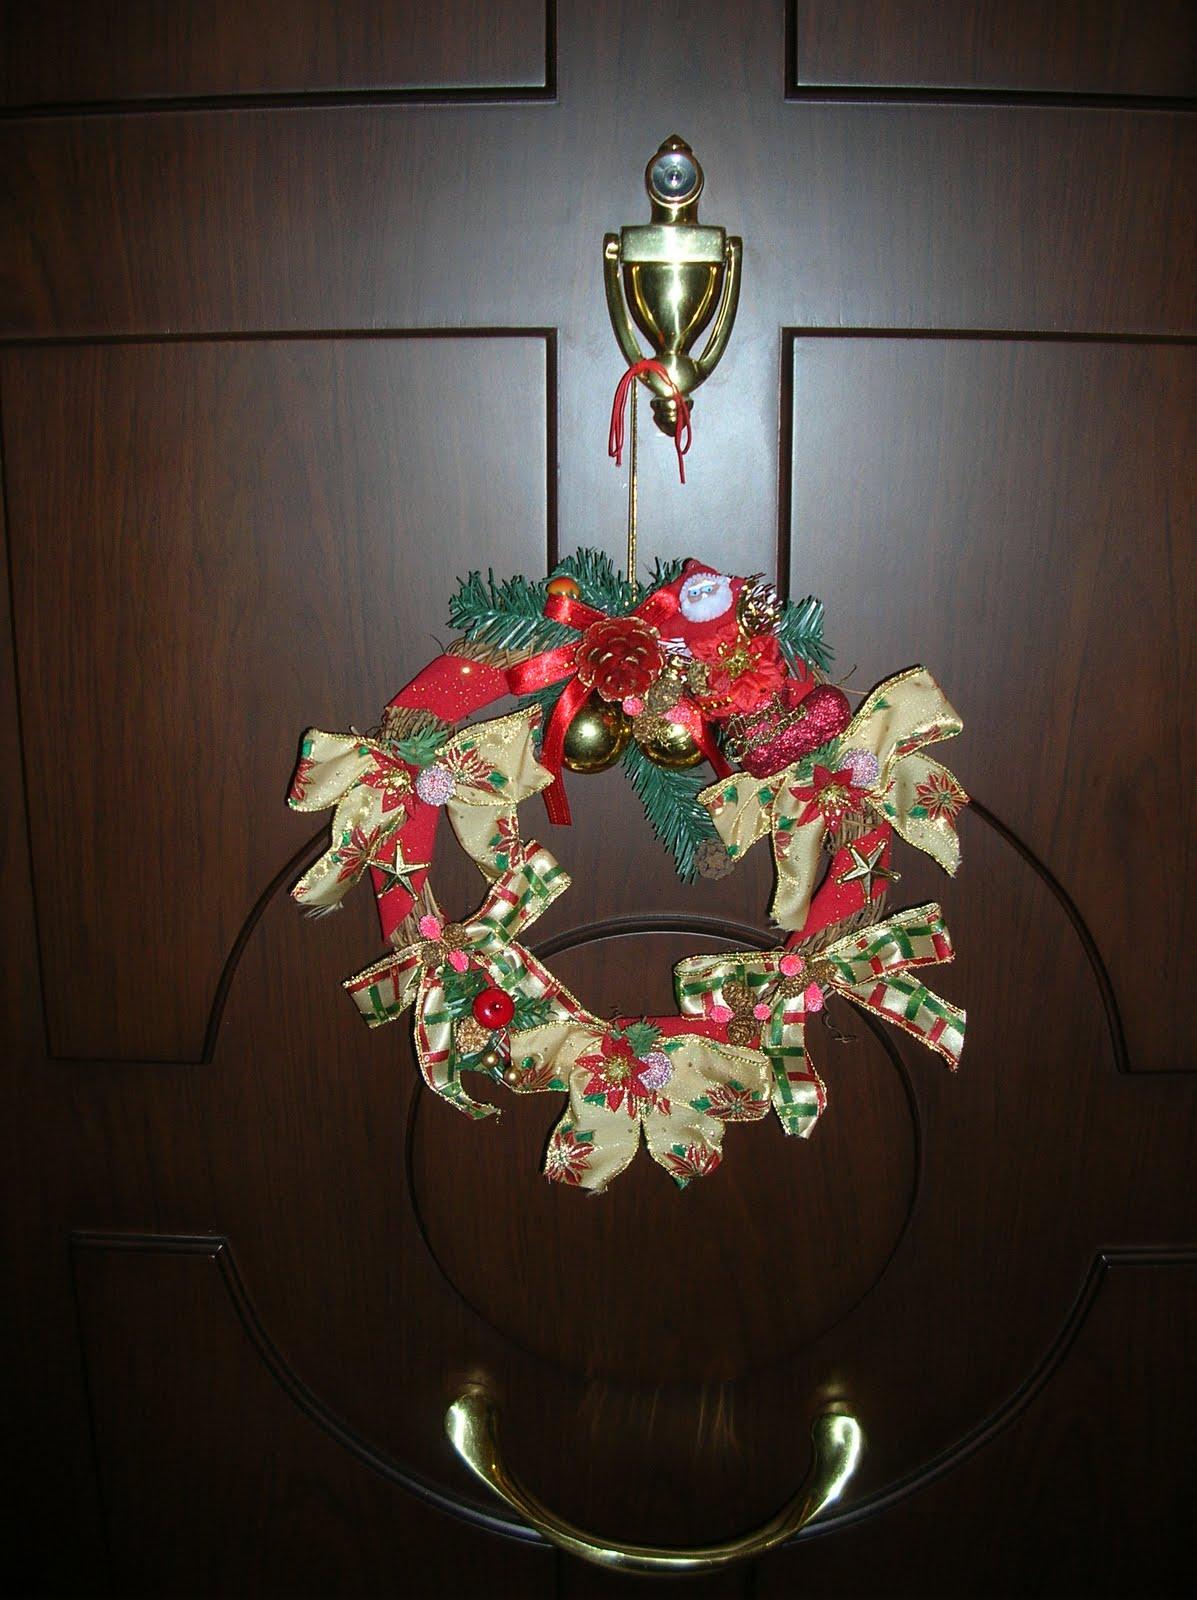 hediye - kapı süsü yılbaşı ile ilgili görsel sonucu